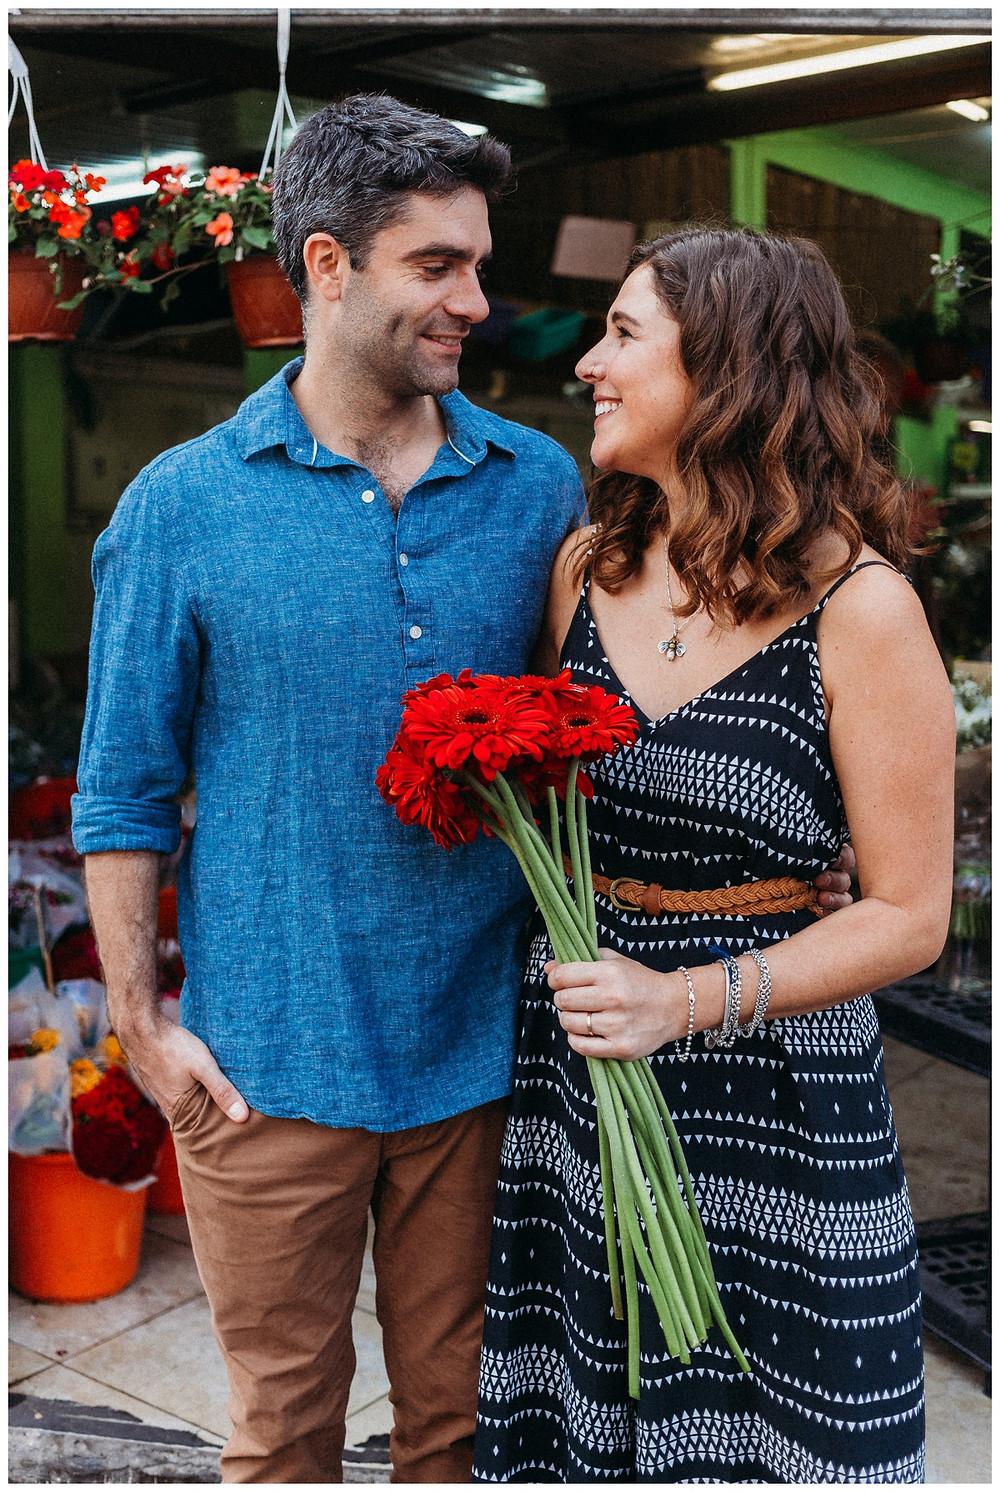 Couple at flower shop in Carmel Market Tel Aviv